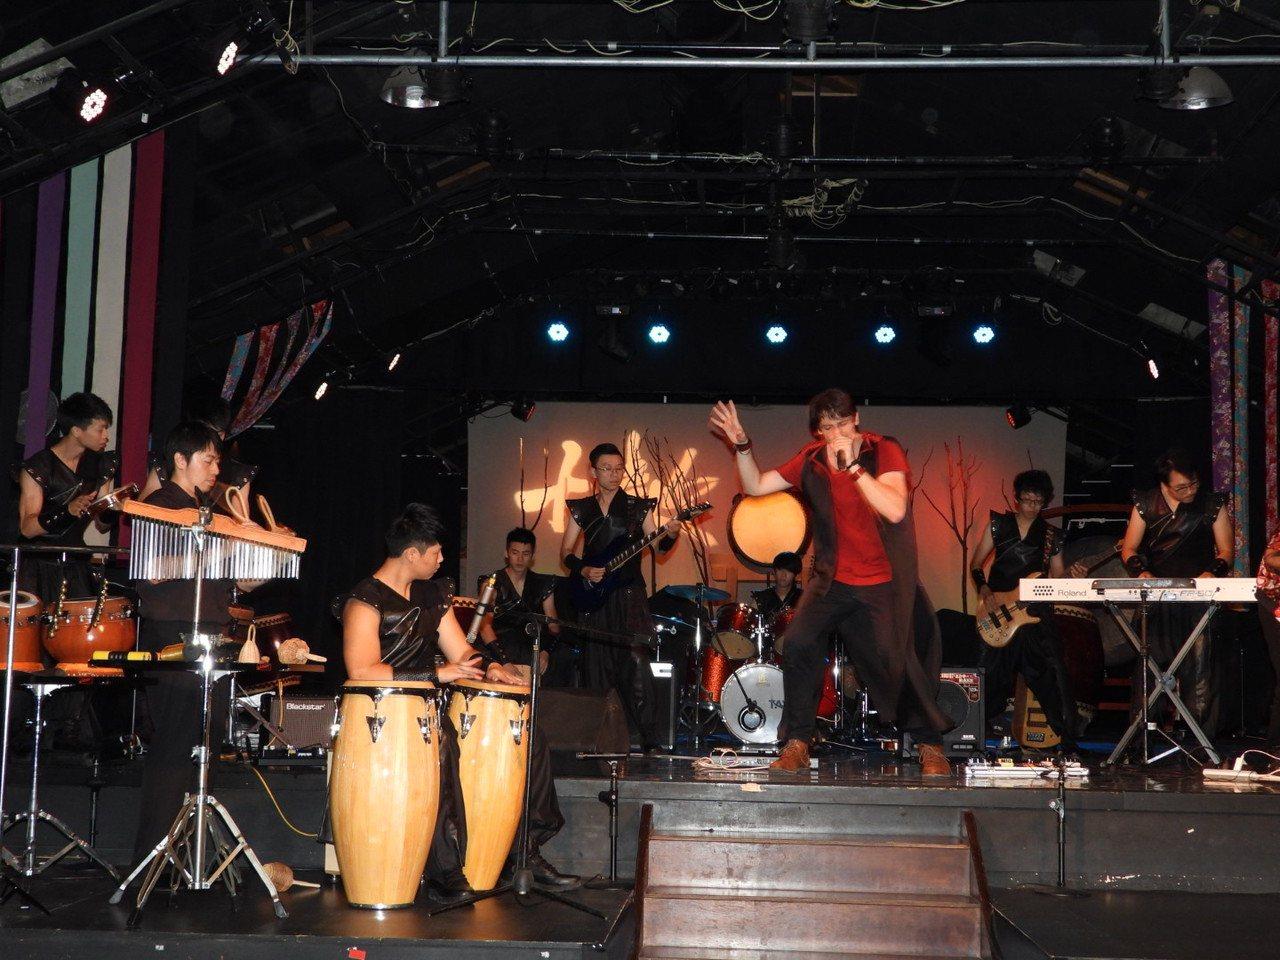 傳統鼓樂也能很搖滾,明晚結合法國流行樂團演出。記者周宗禎/攝影